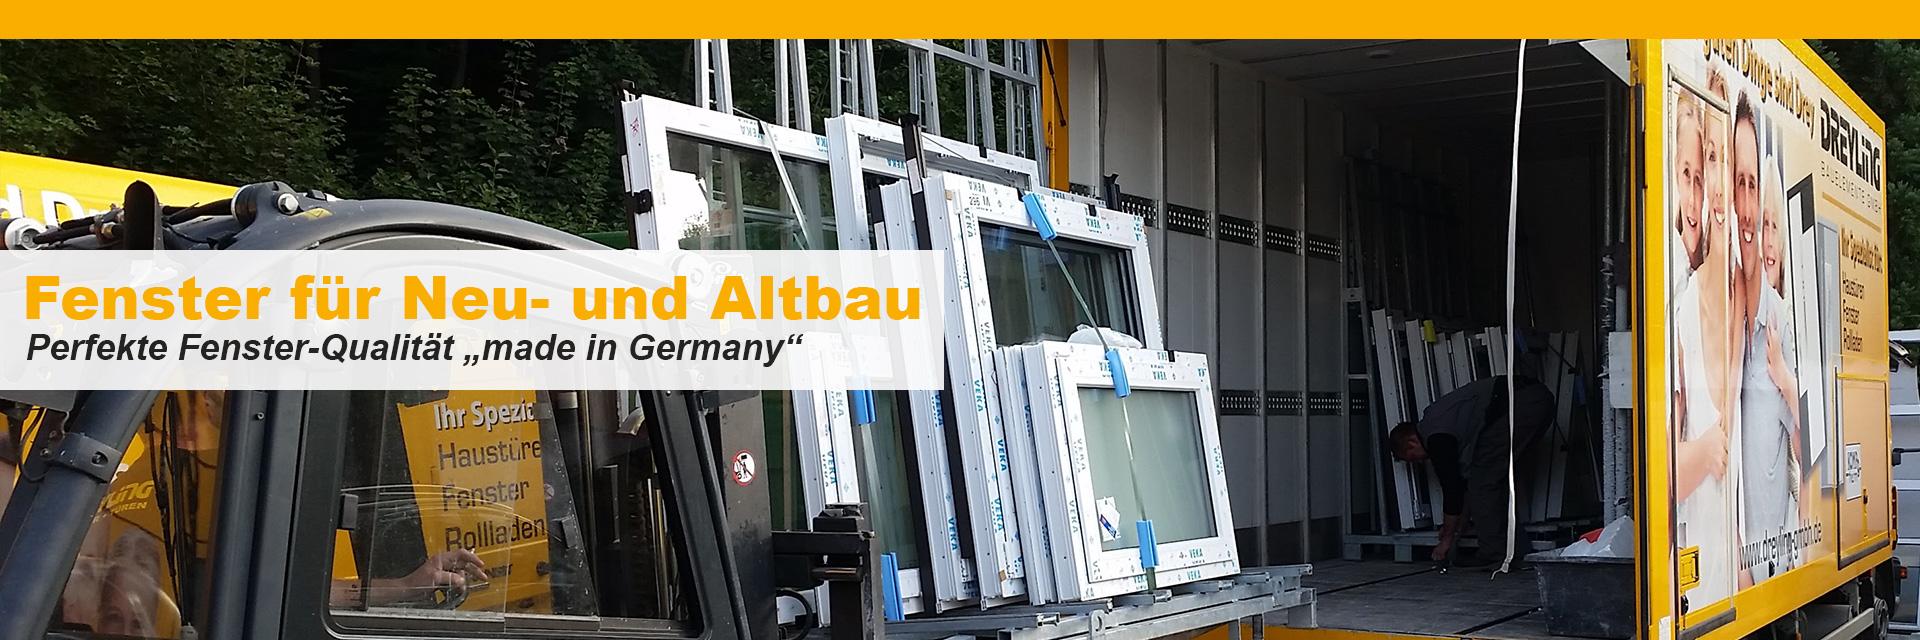 Fensterbauer Düsseldorf fenster mit aufmaß lieferung und montage vom fensterbau fachbetrieb